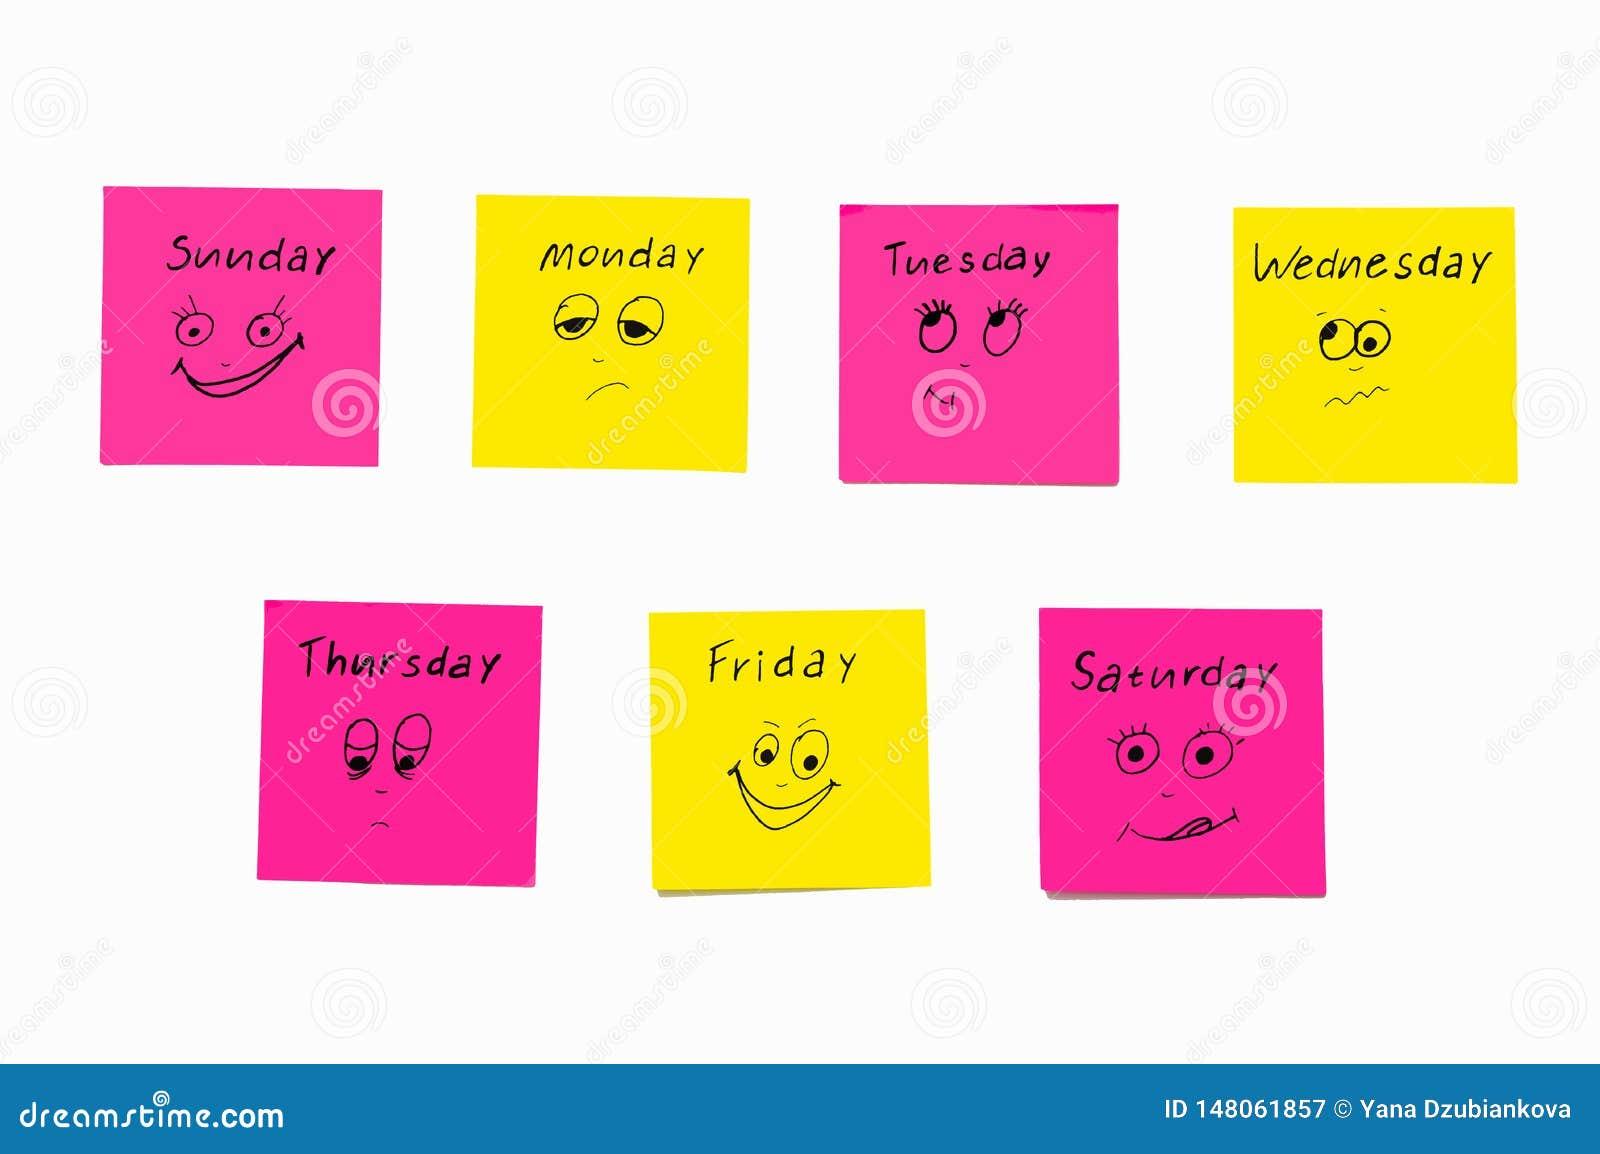 Etiquetas das notas para lembrar os dias da semana Notas engraçadas com as emoções pintadas, refletindo os dias da semana Segunda